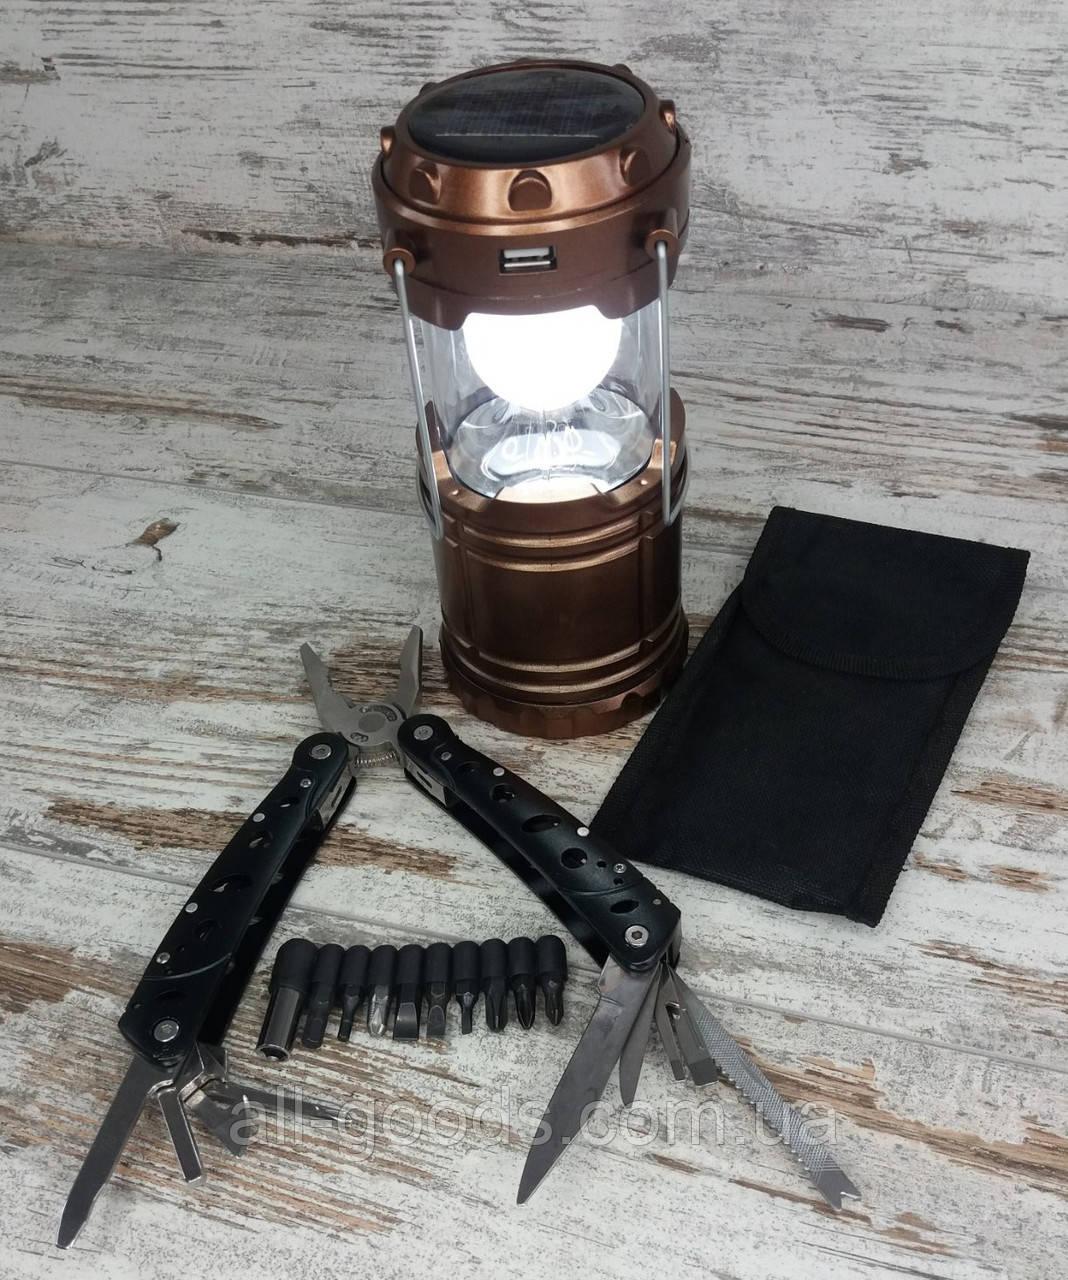 Кемпинговый складной фонарь G-85 в комплекте с многофункциональным ножом мультитул-плоскогубцы (728)